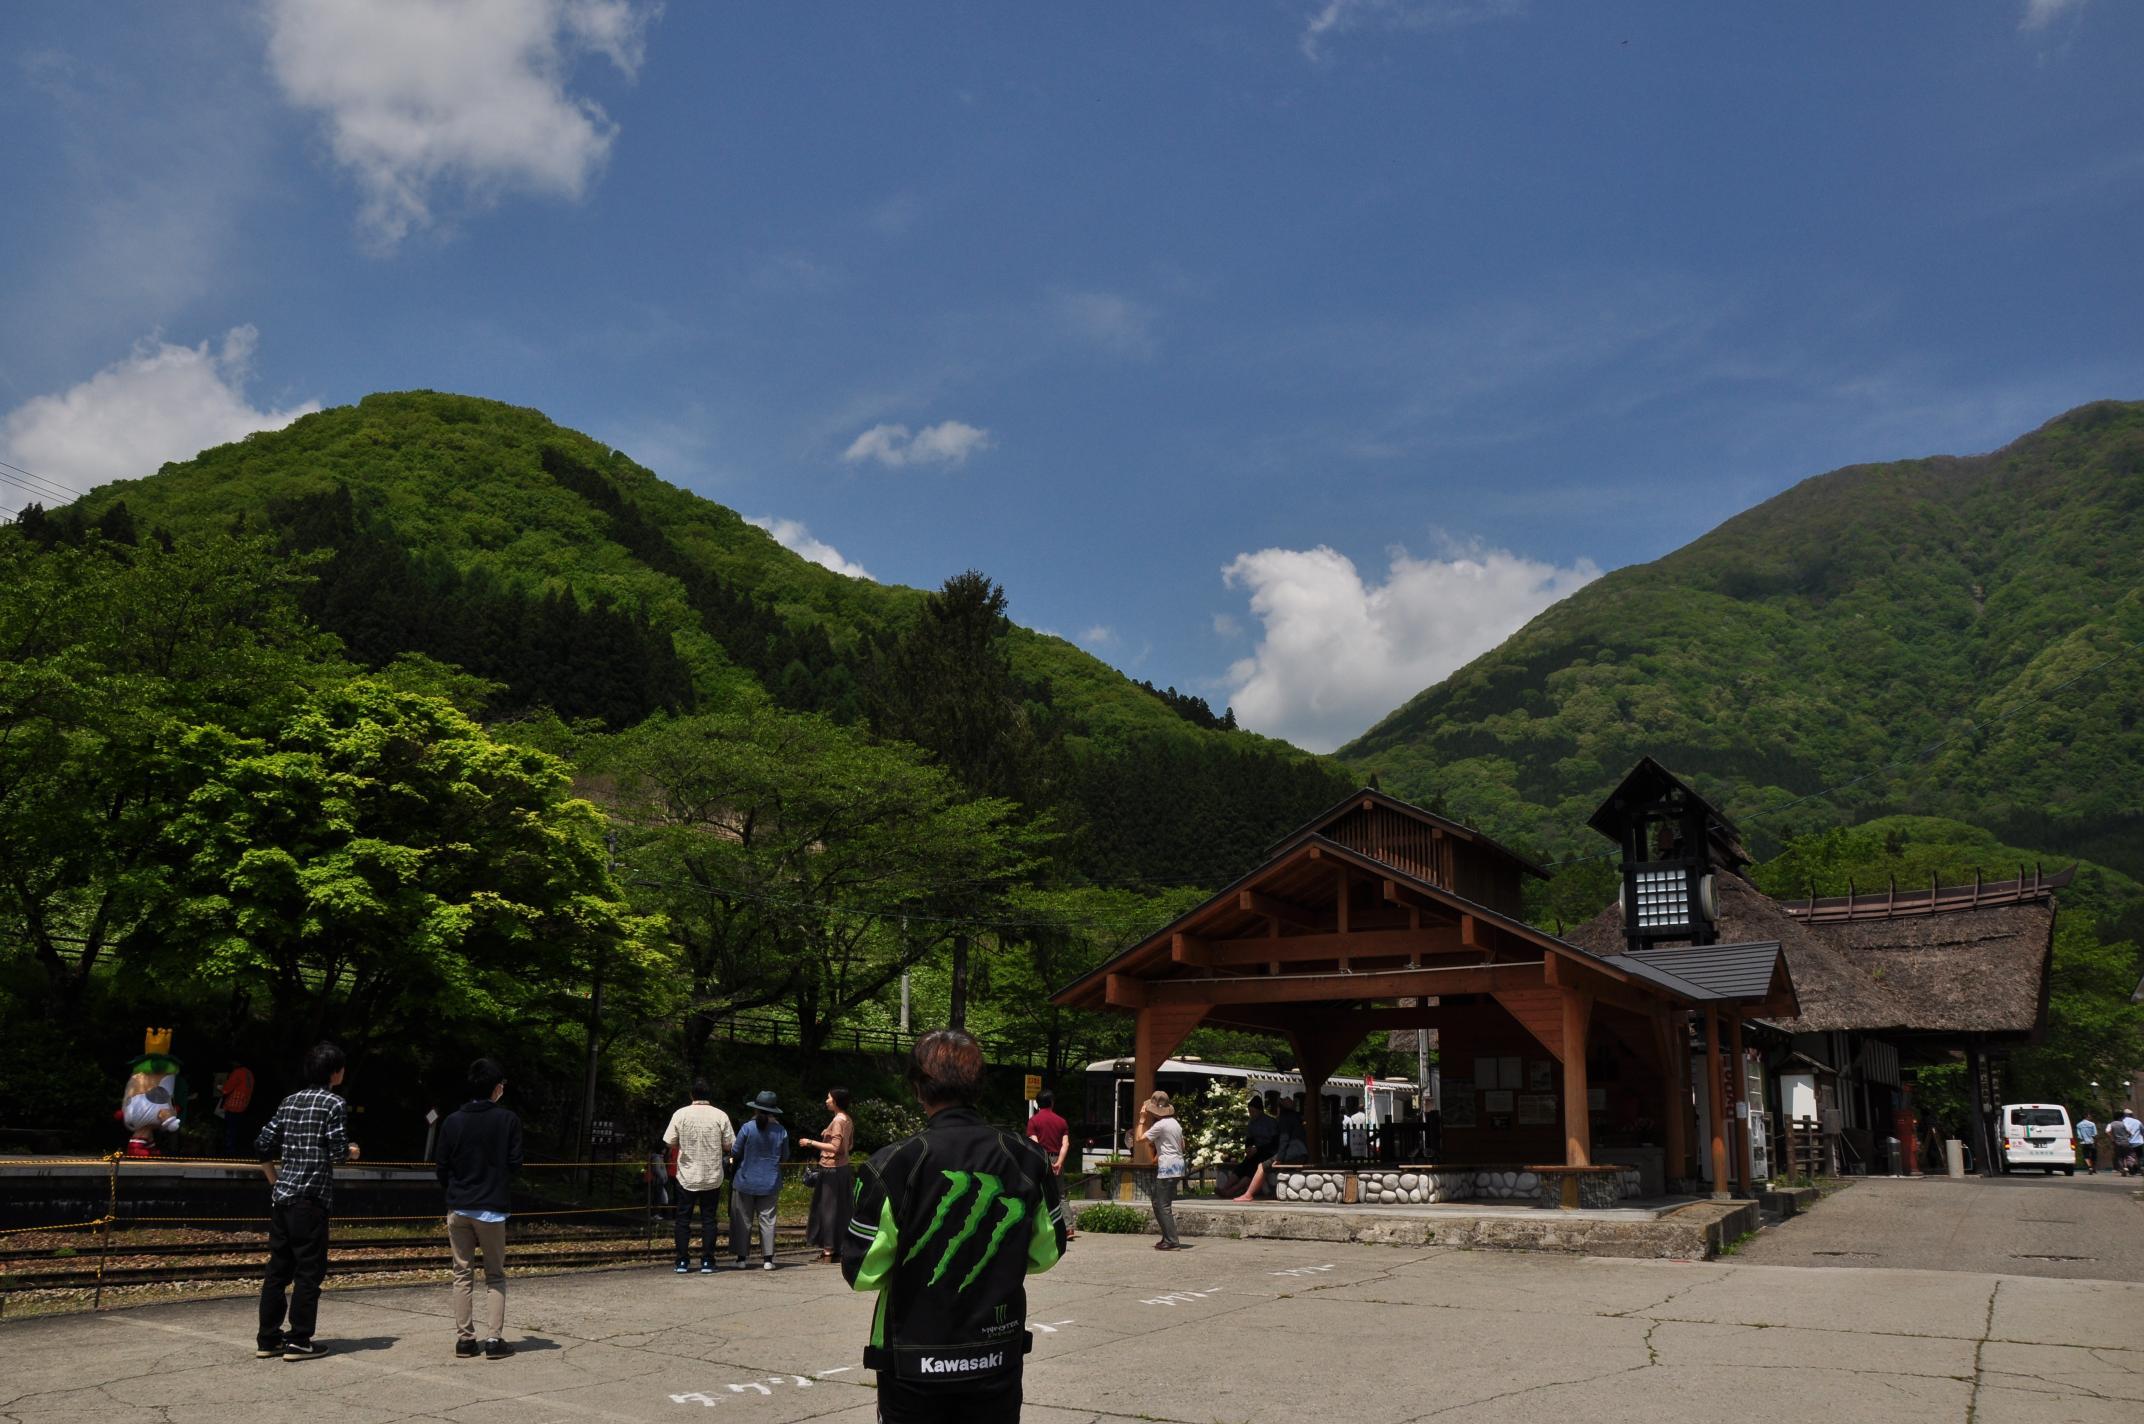 160514_山と駅舎と